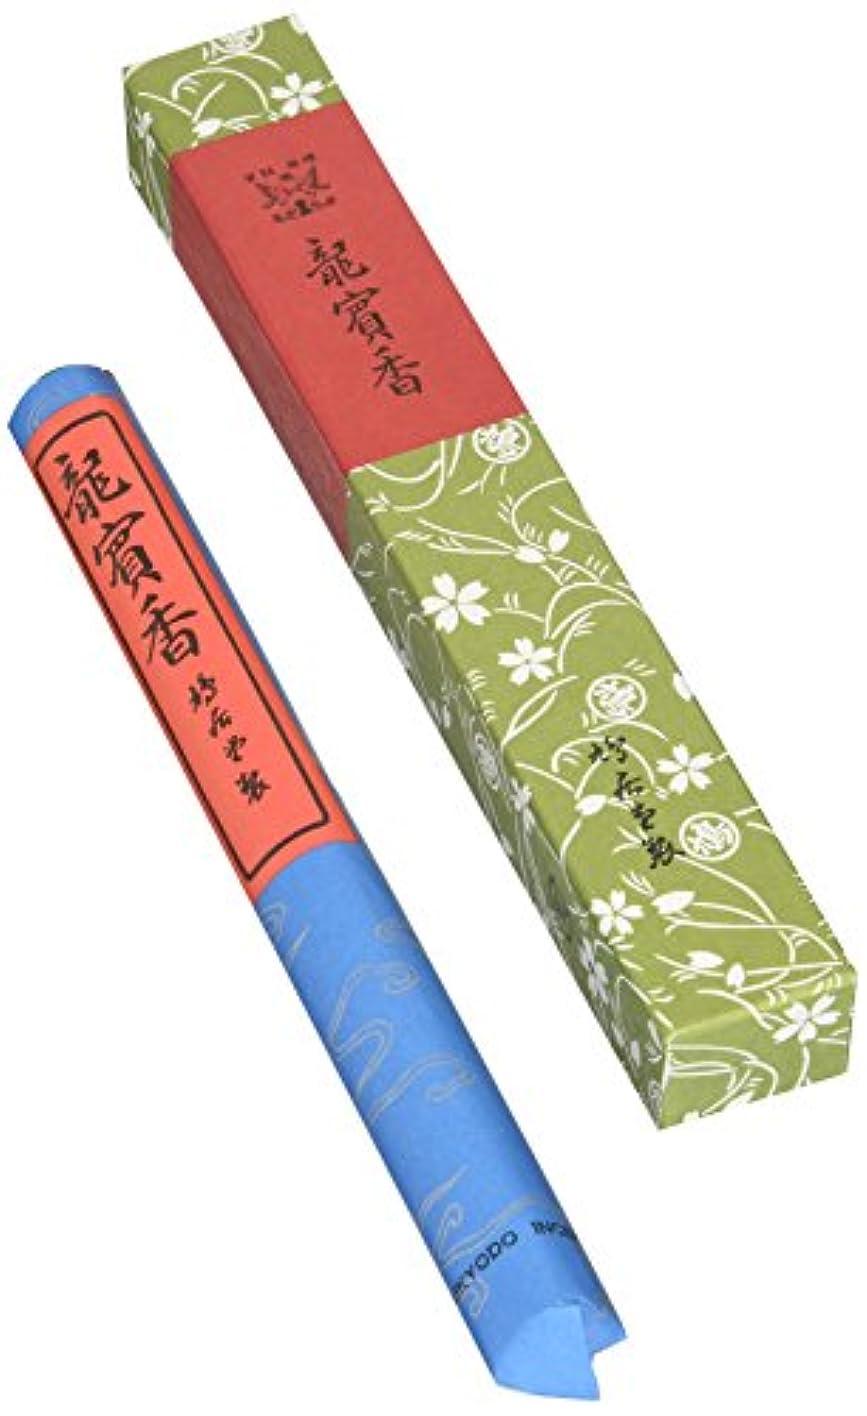 農夫社員不完全な鳩居堂のお線香 龍賓香 紙箱 短寸1把入 17cm #153